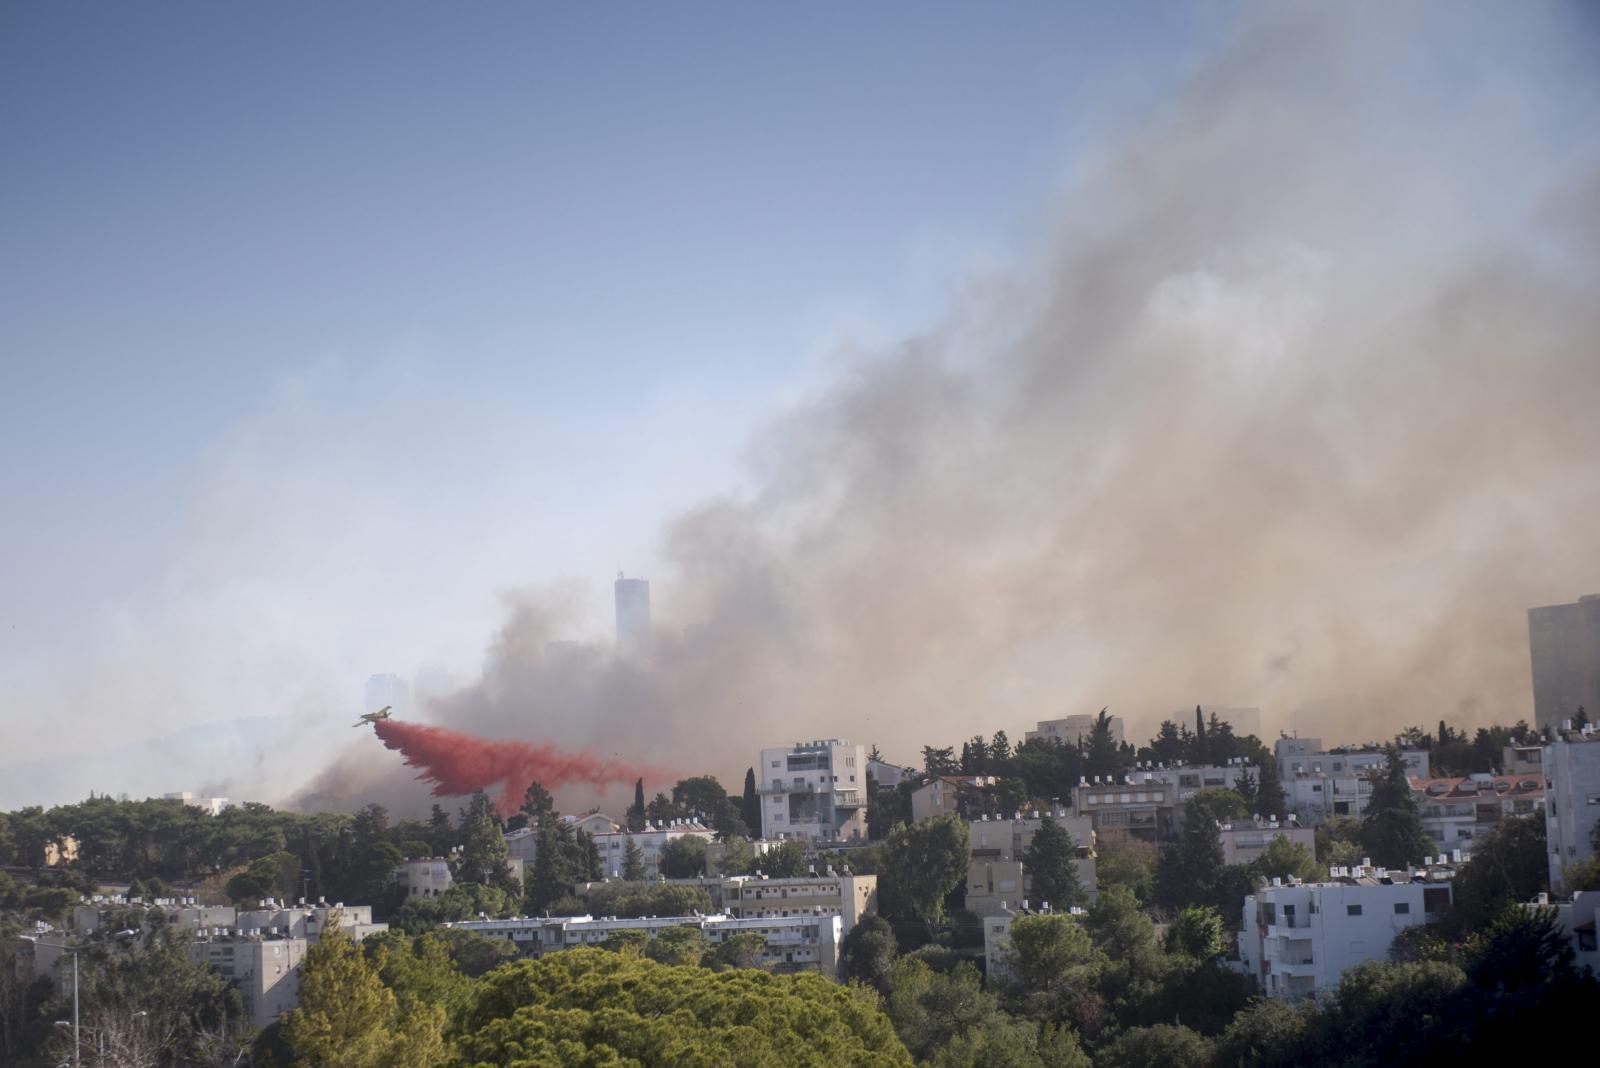 Pożar w jednej z dzielnic miasta Hajfa w Izraelu.  Fot. PAP/EPA/MORAN MAYAN